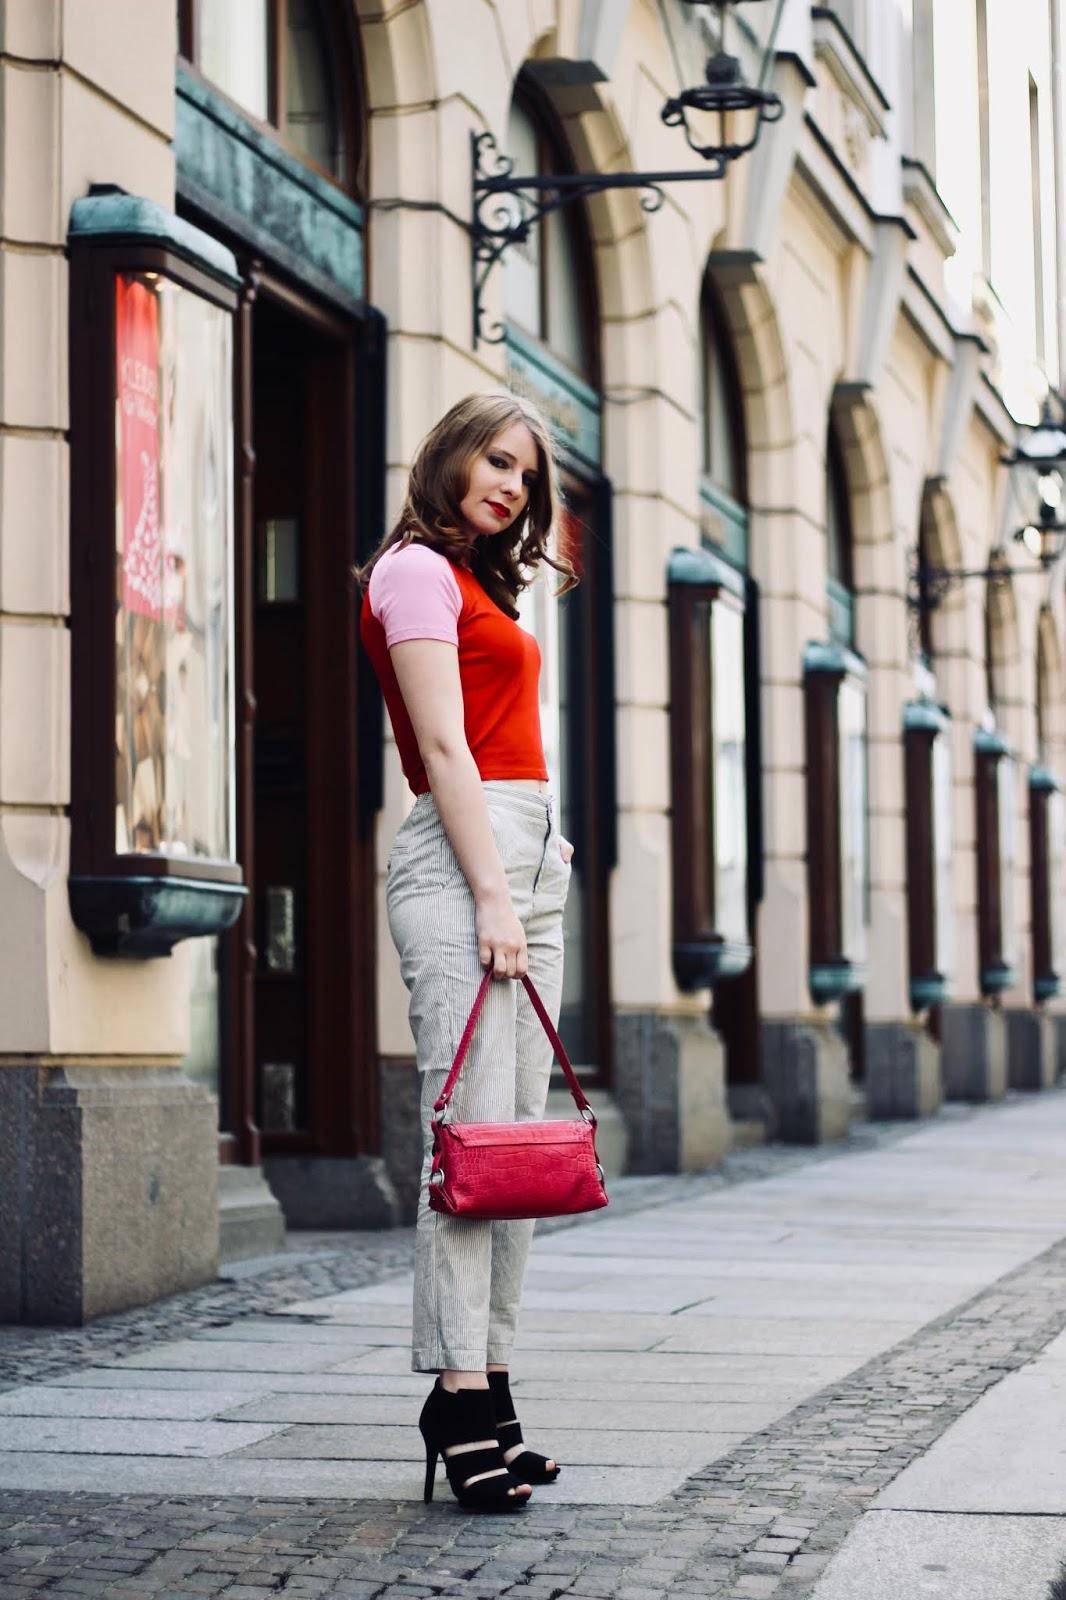 Damenmode günstig bei GINA LAURA im Online Shop